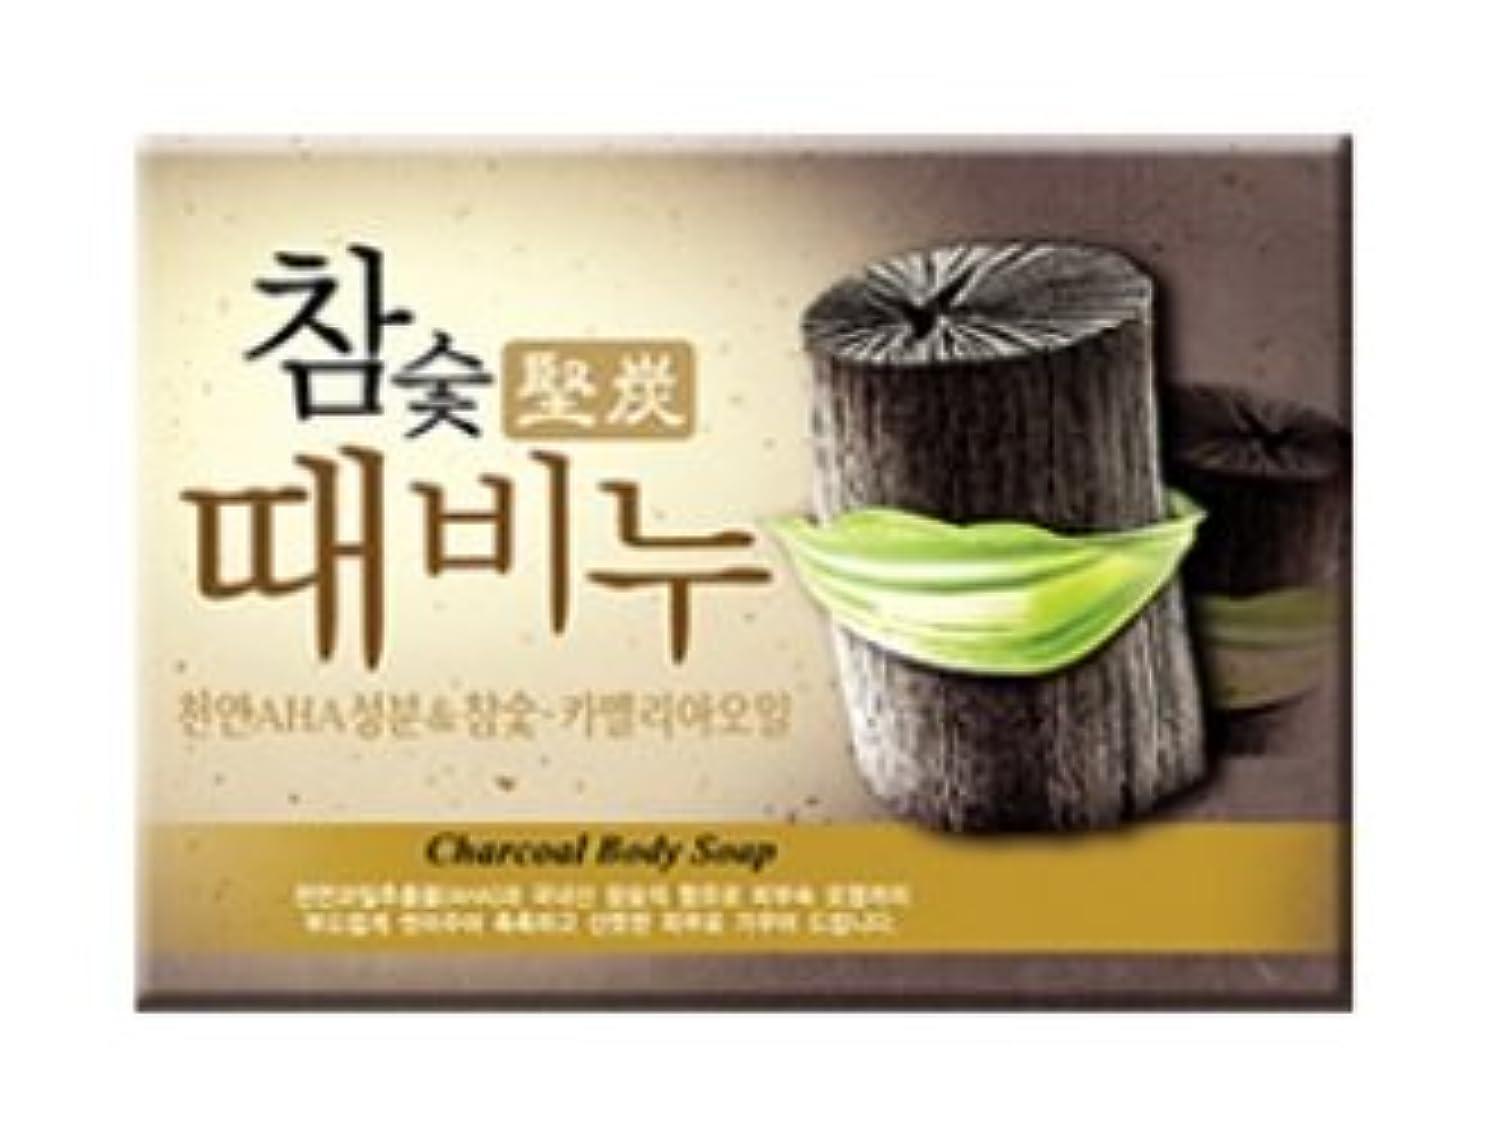 アニメーション弾薬黒板堅炭ソープ 100g / Charcoal Body Soap [並行輸入品]